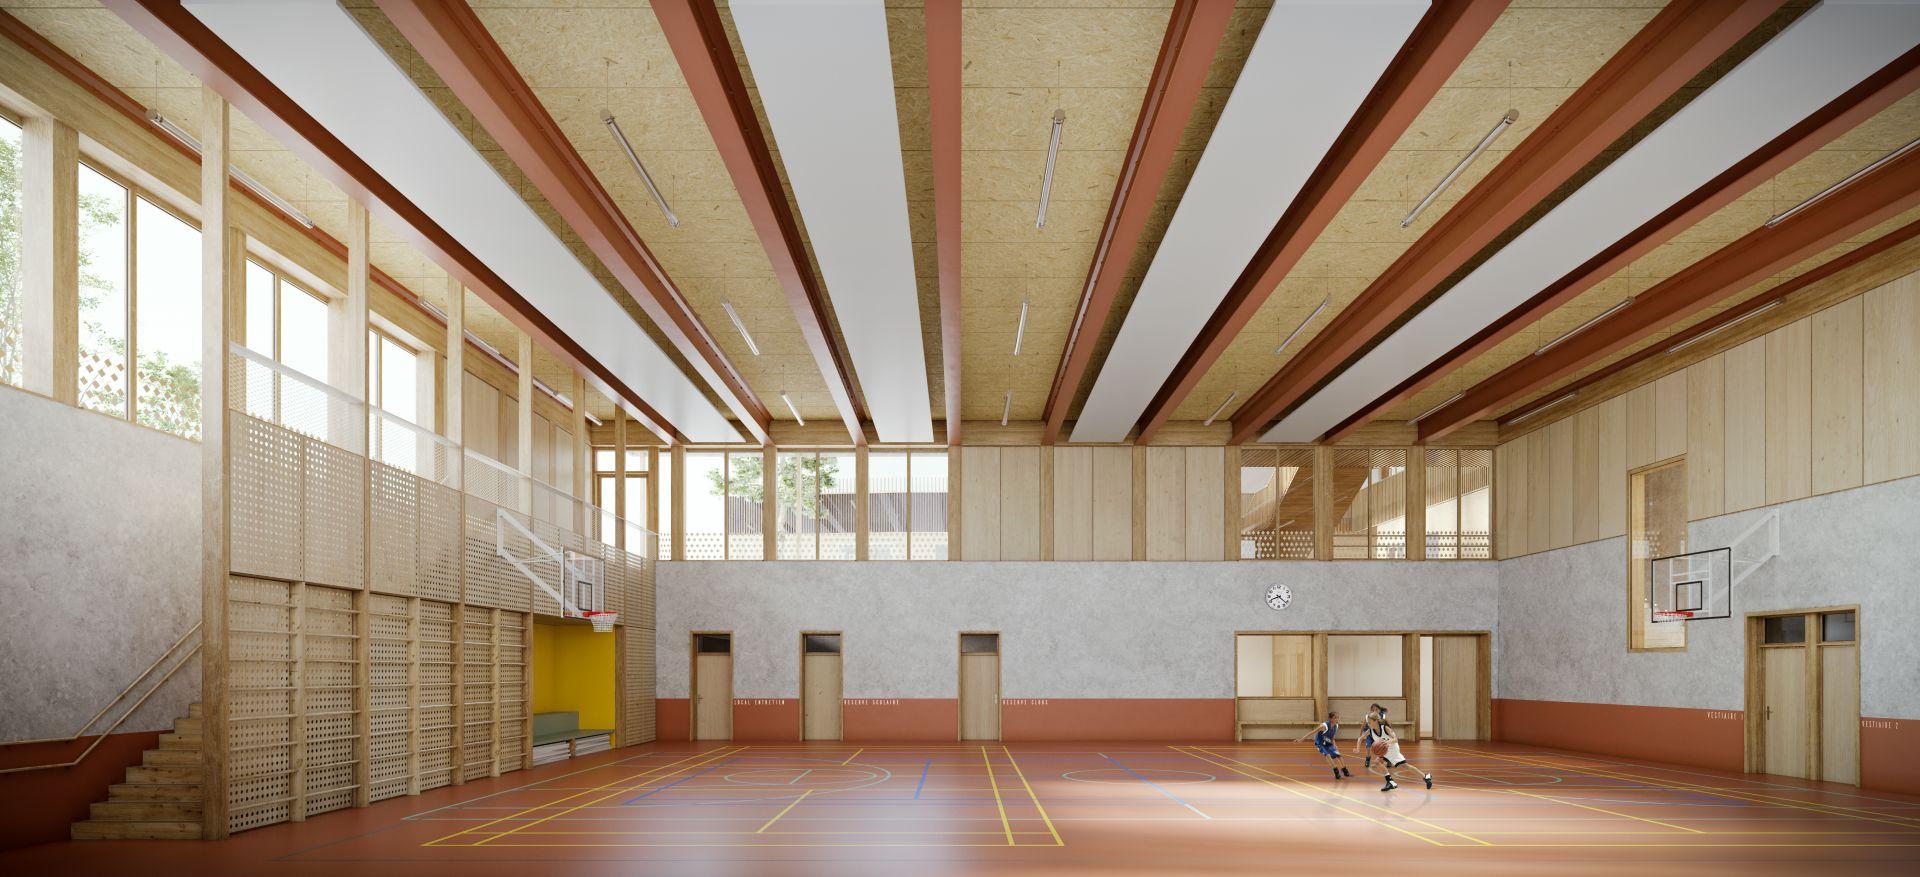 Supervue la architectures eqt equipement scolaire et sportif a chevilly la rue Medium